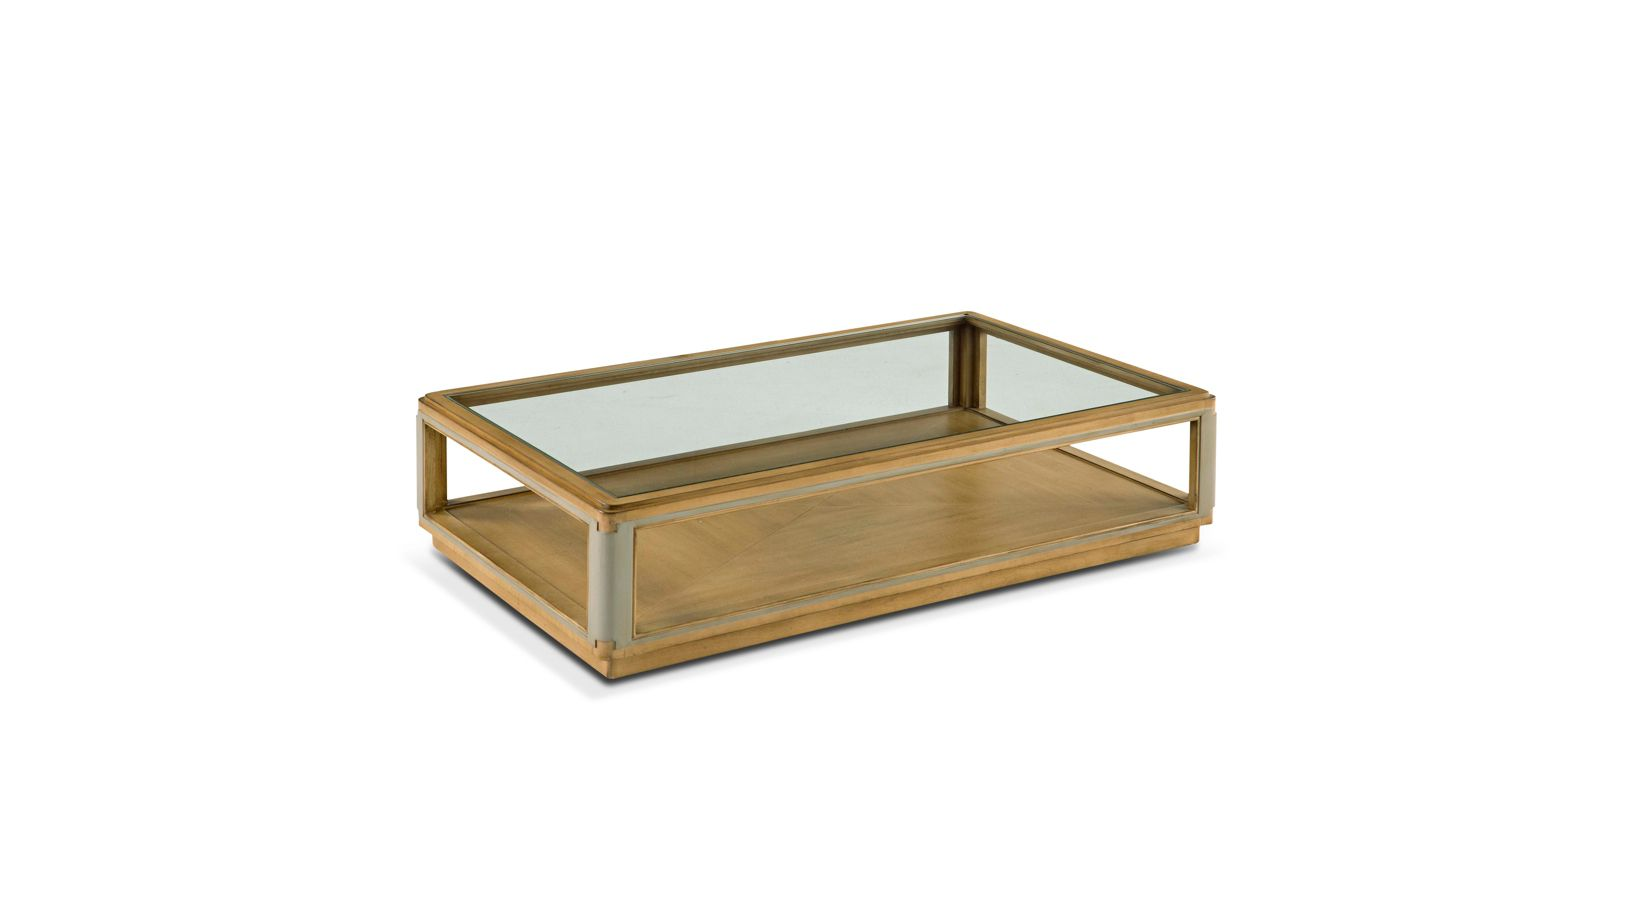 Table basse rectangulaire claridge collection nouveaux for Roche et bobois table basse